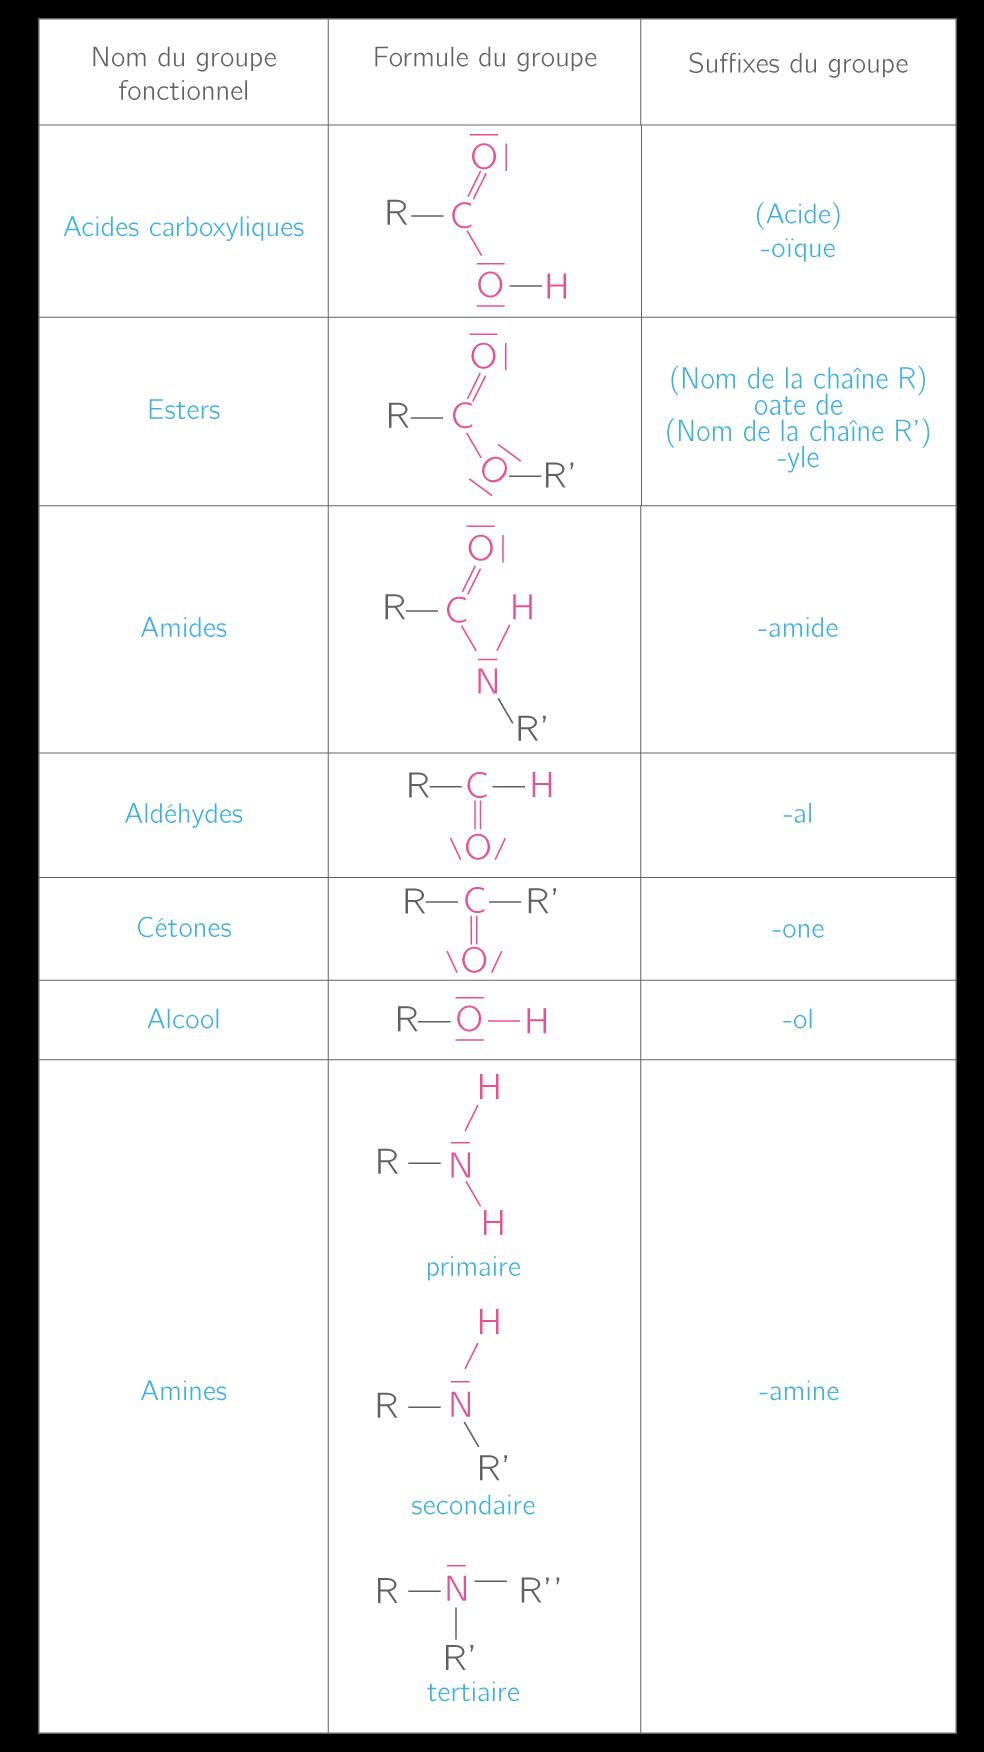 kartable terminale s physique chimie sp cifique On nomenclature terminale s tableau